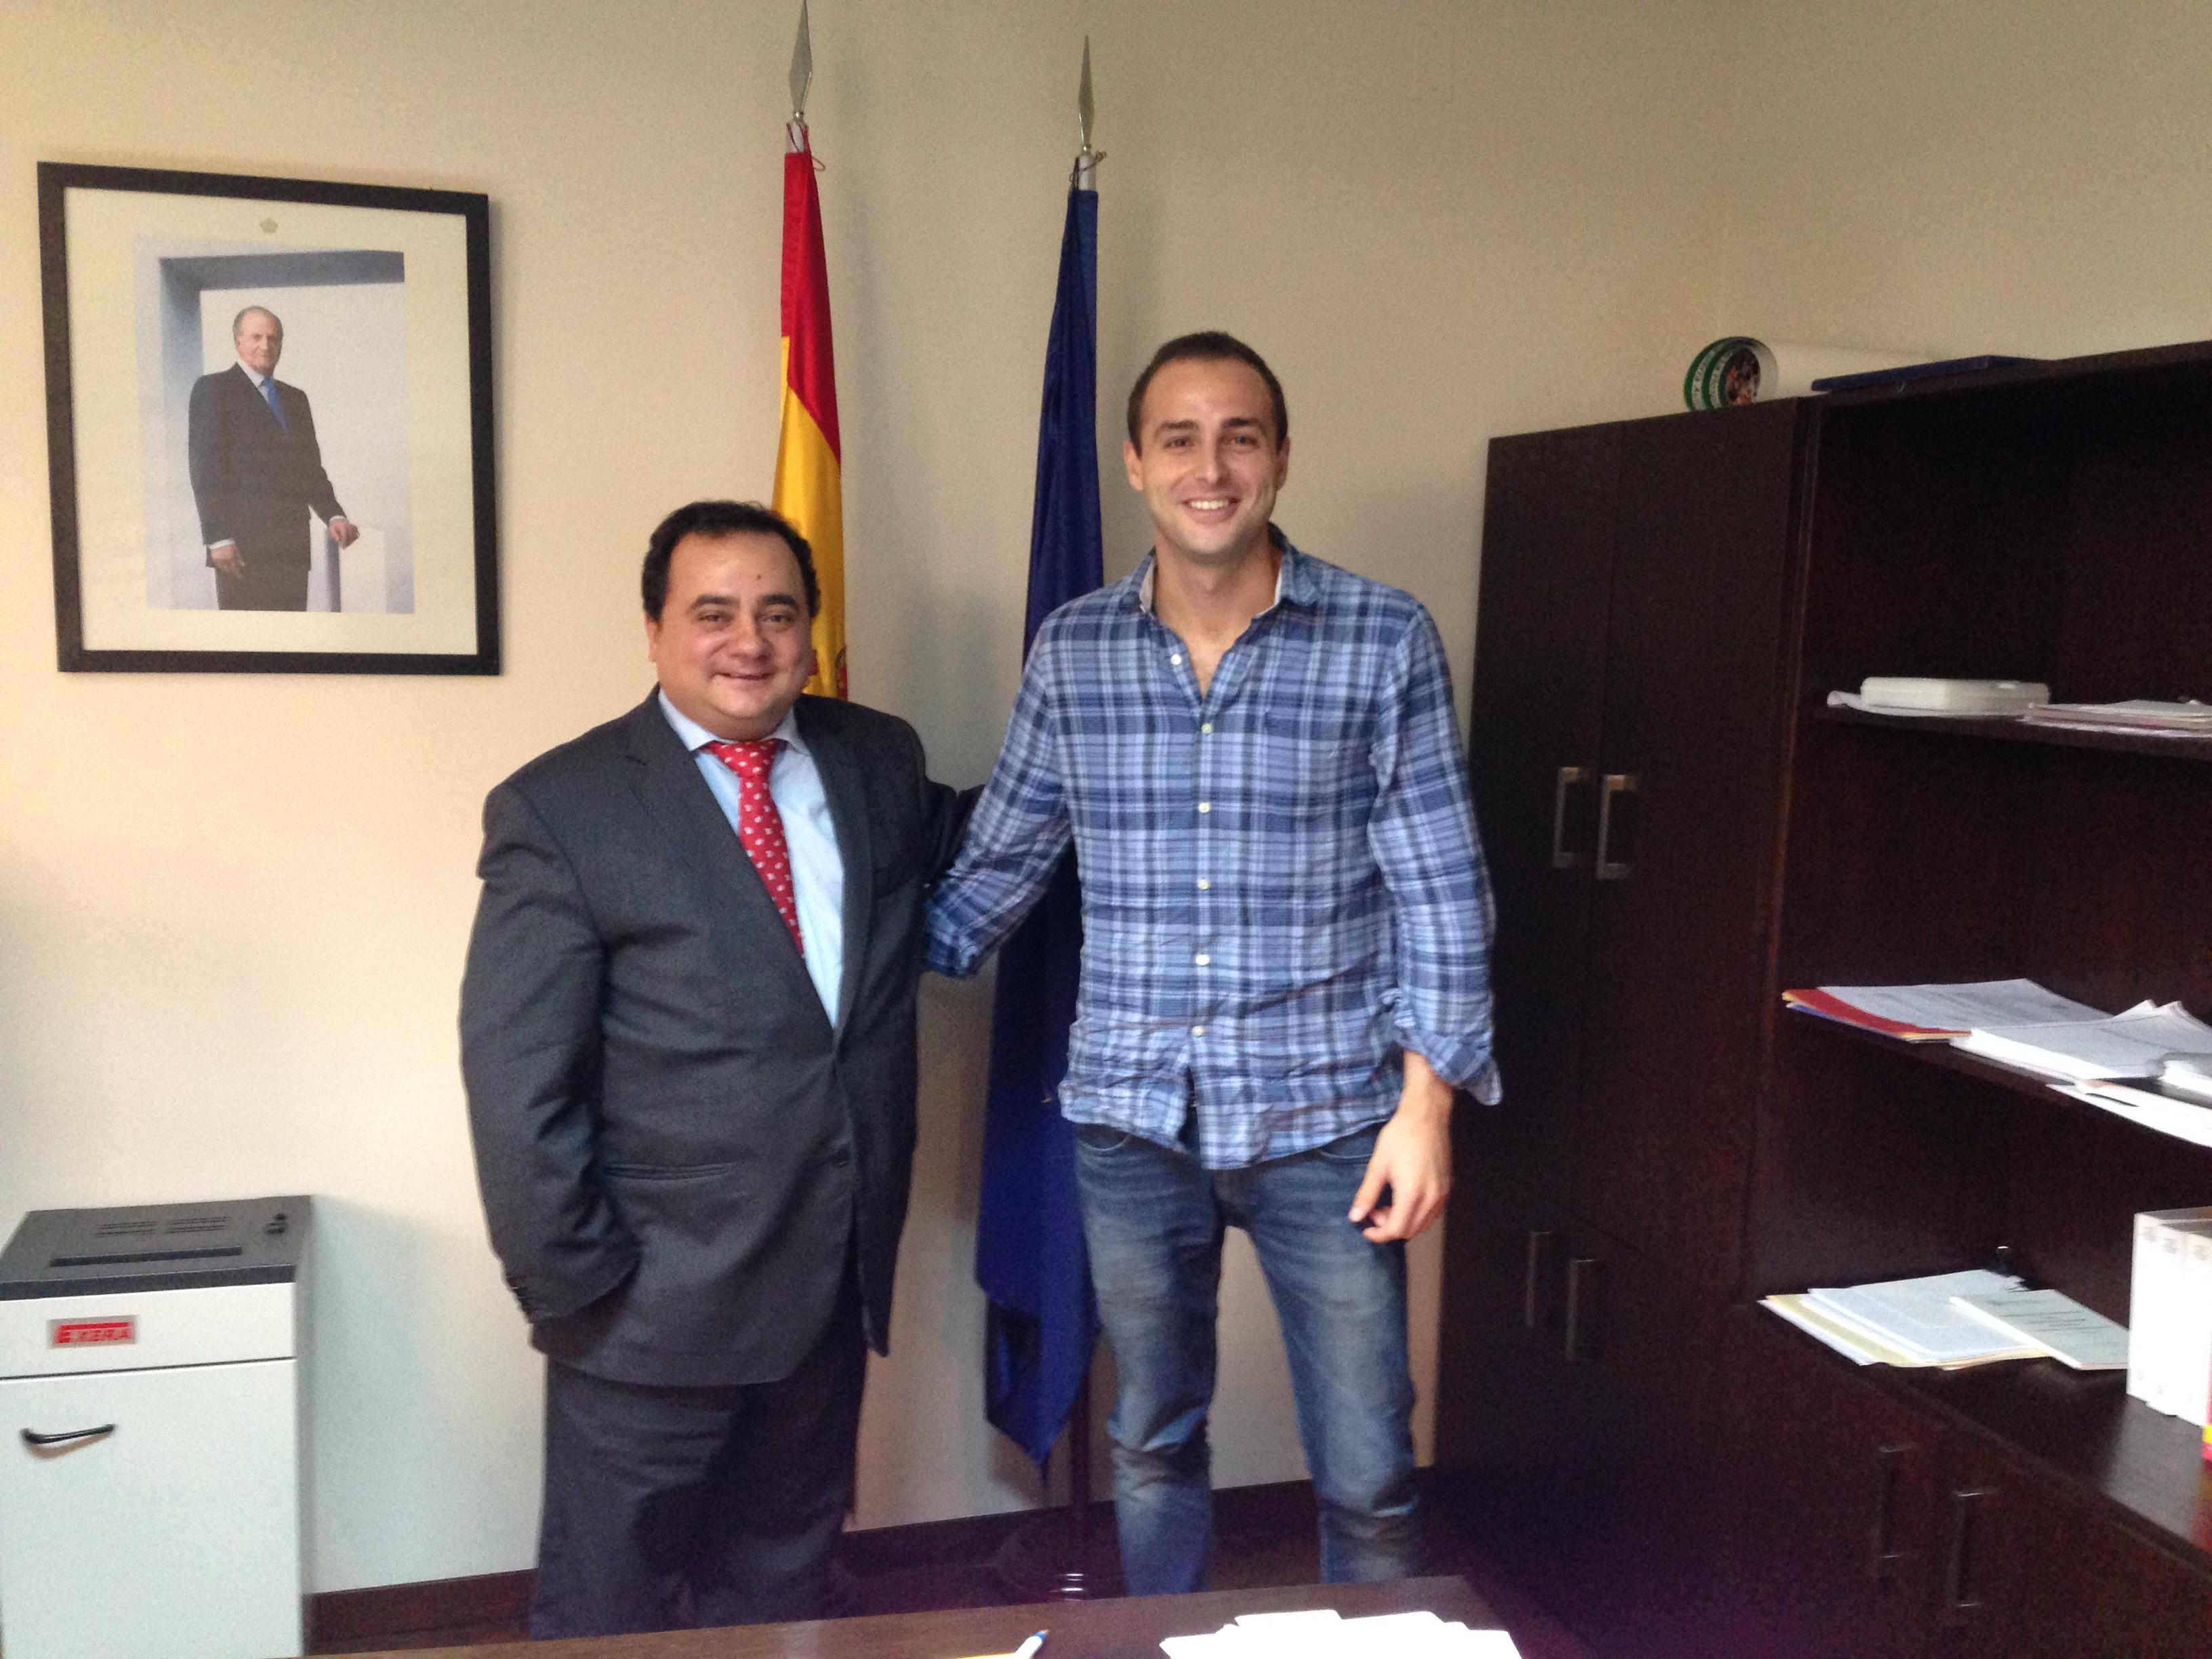 Con Ignacio Sánchez Taboada (Cónsul General de España en Santa Cruz de la Sierra). Previamente sus destinos fueron Jamaica y Angola